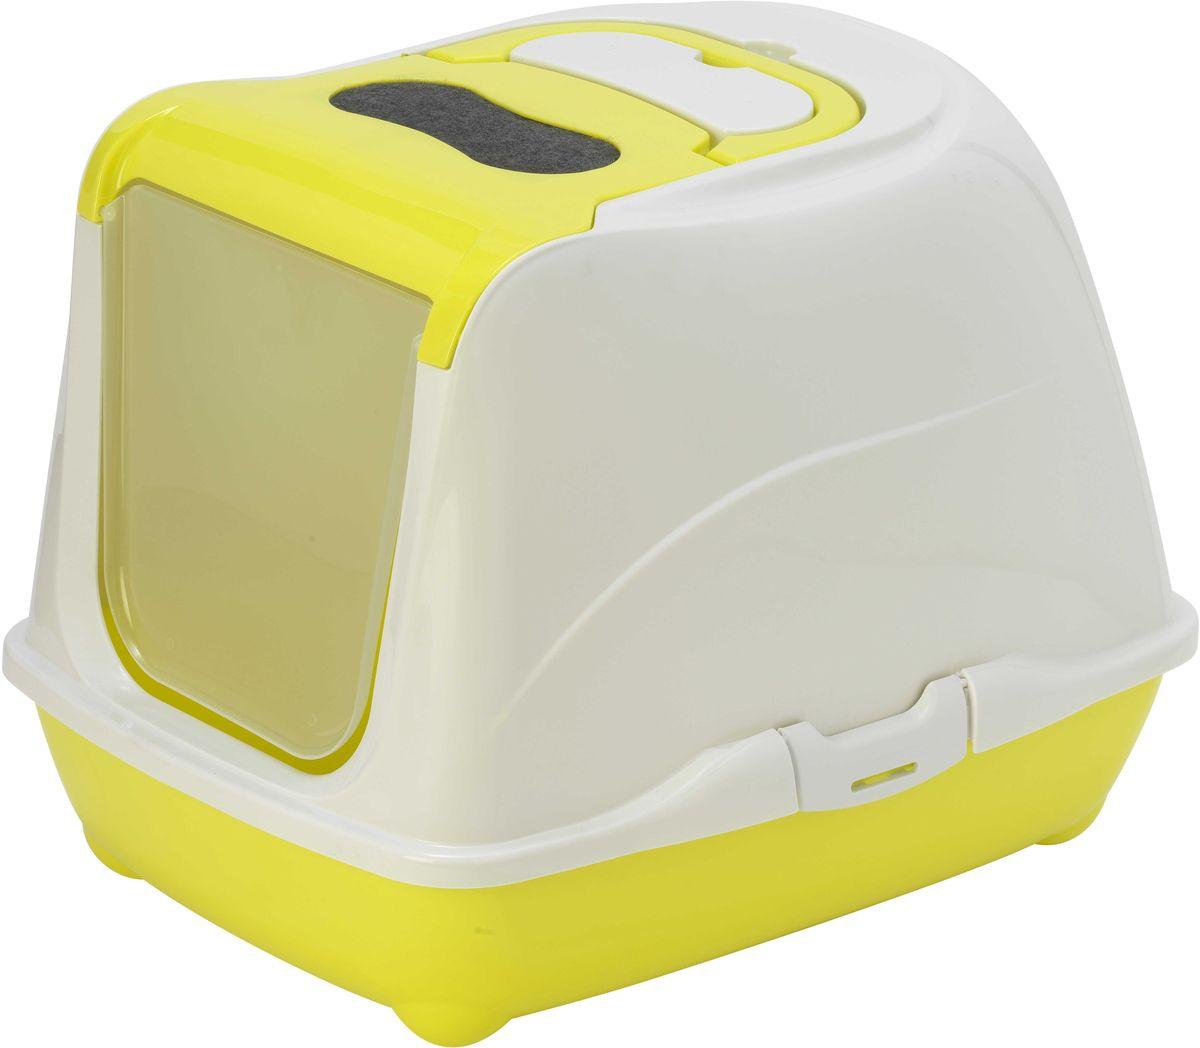 Туалет закрытый для кошек Moderna Flip Cat, цвет: лимон, 39 х 50 х 37 см14C230329